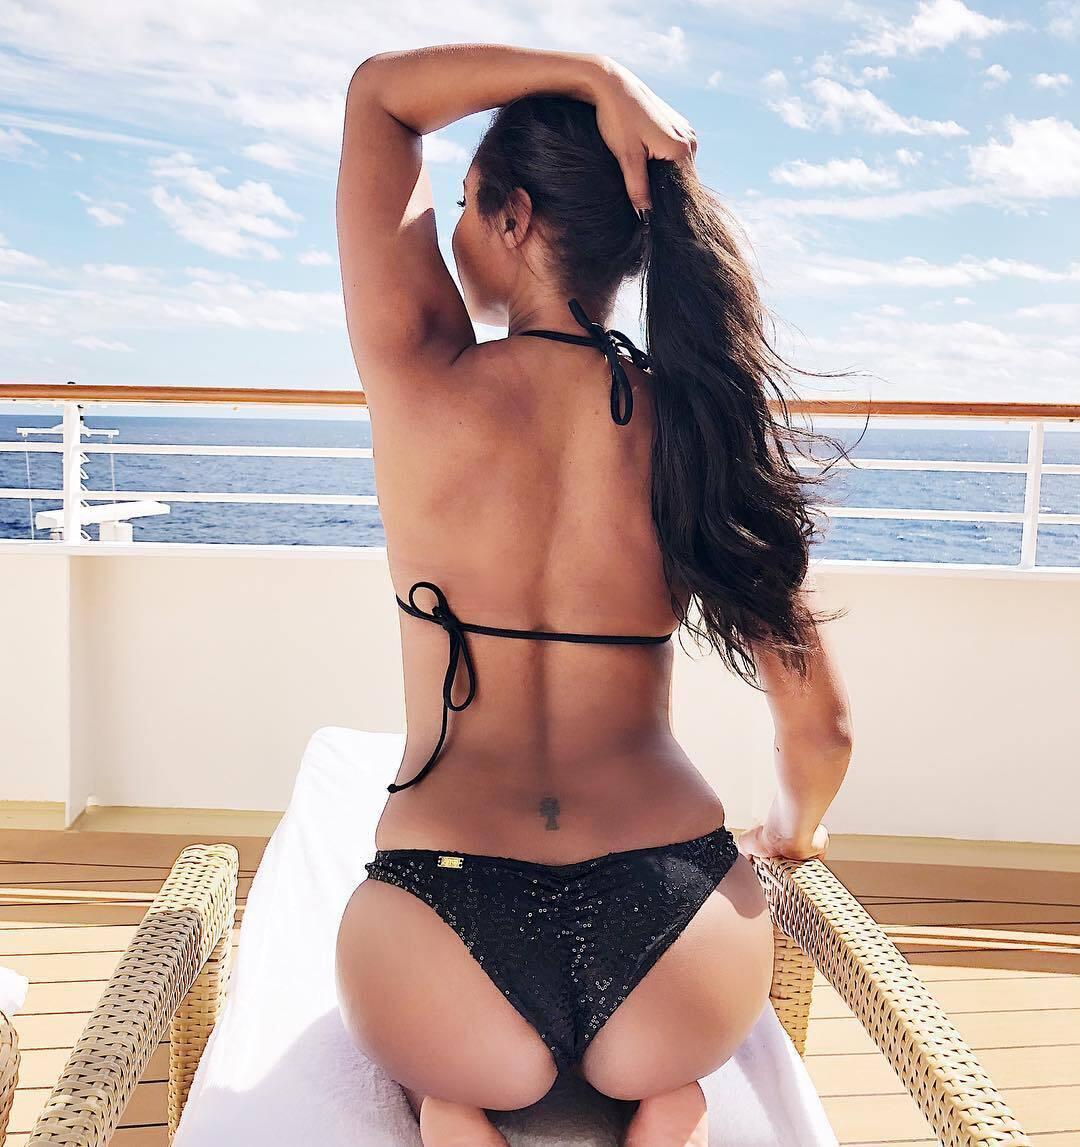 Бренда Роудс загоряє на яхті